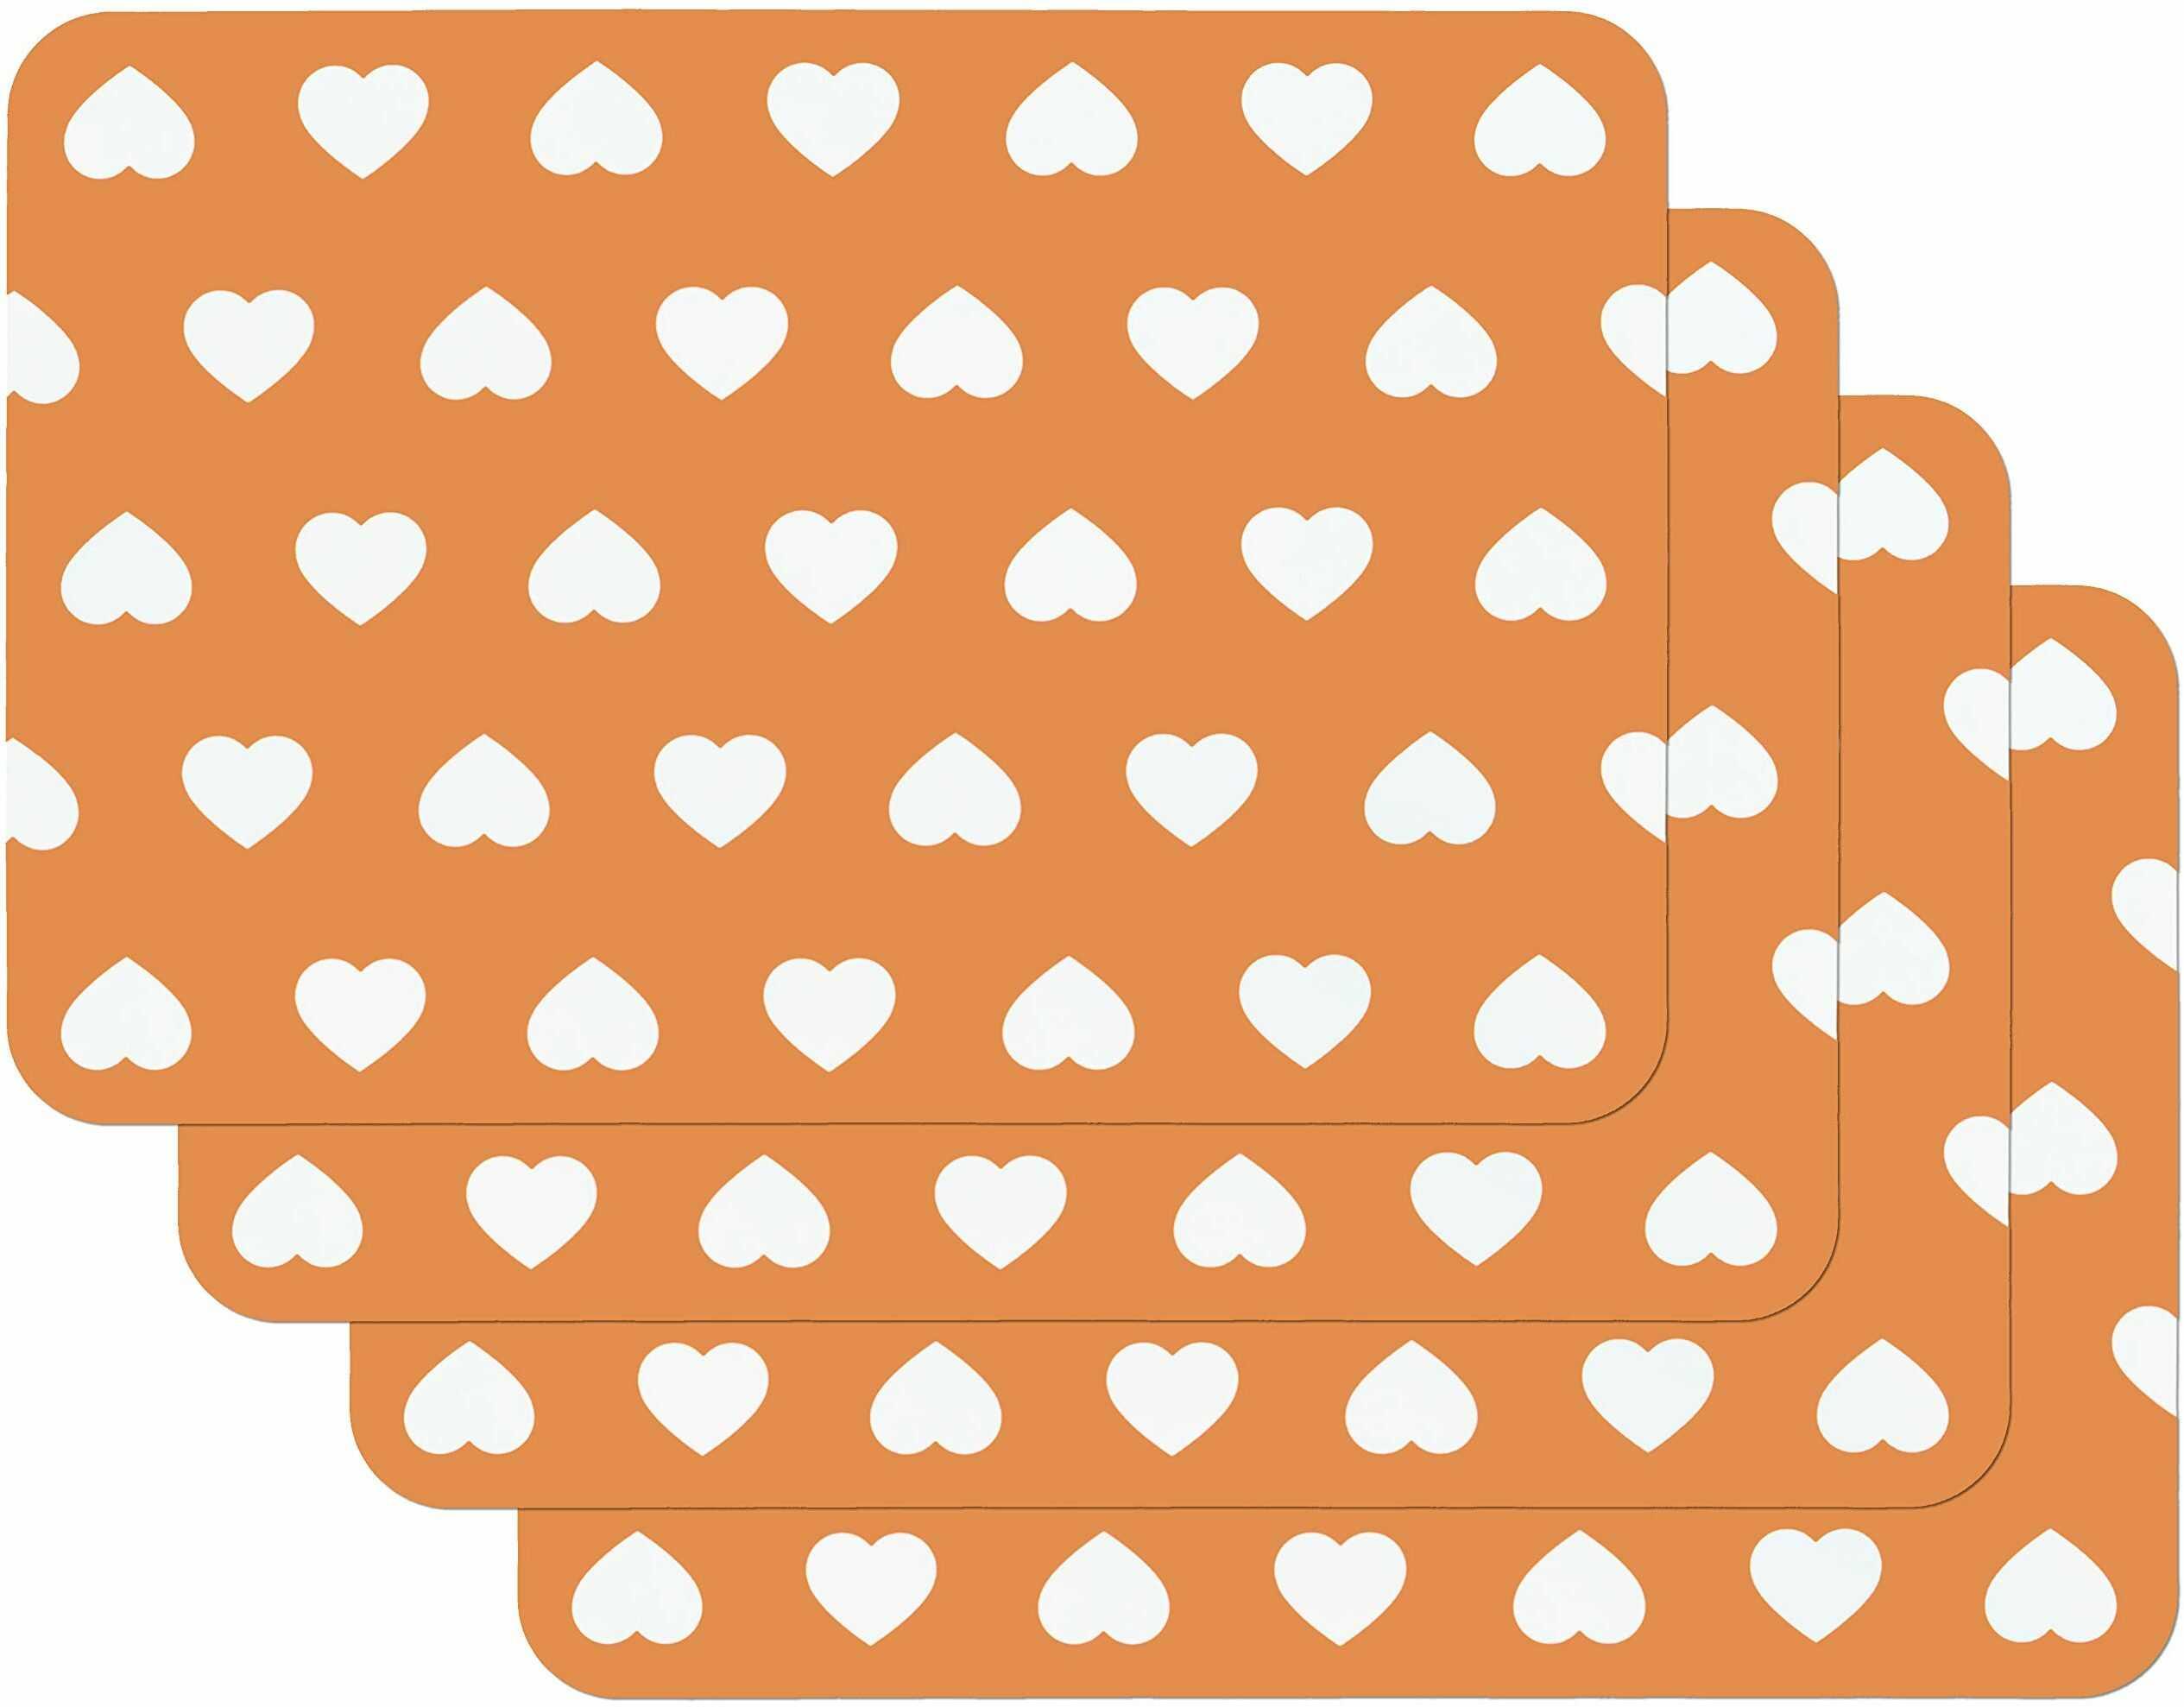 Venilia Zestaw podkładek stołowych do jadalni pomarańczowe serce, zestaw 4 ścieralne polipropylen, nadaje się do kontaktu z żywnością, 45 x 30 cm, 4 sztuki, 59053, tworzywo sztuczne, motywy